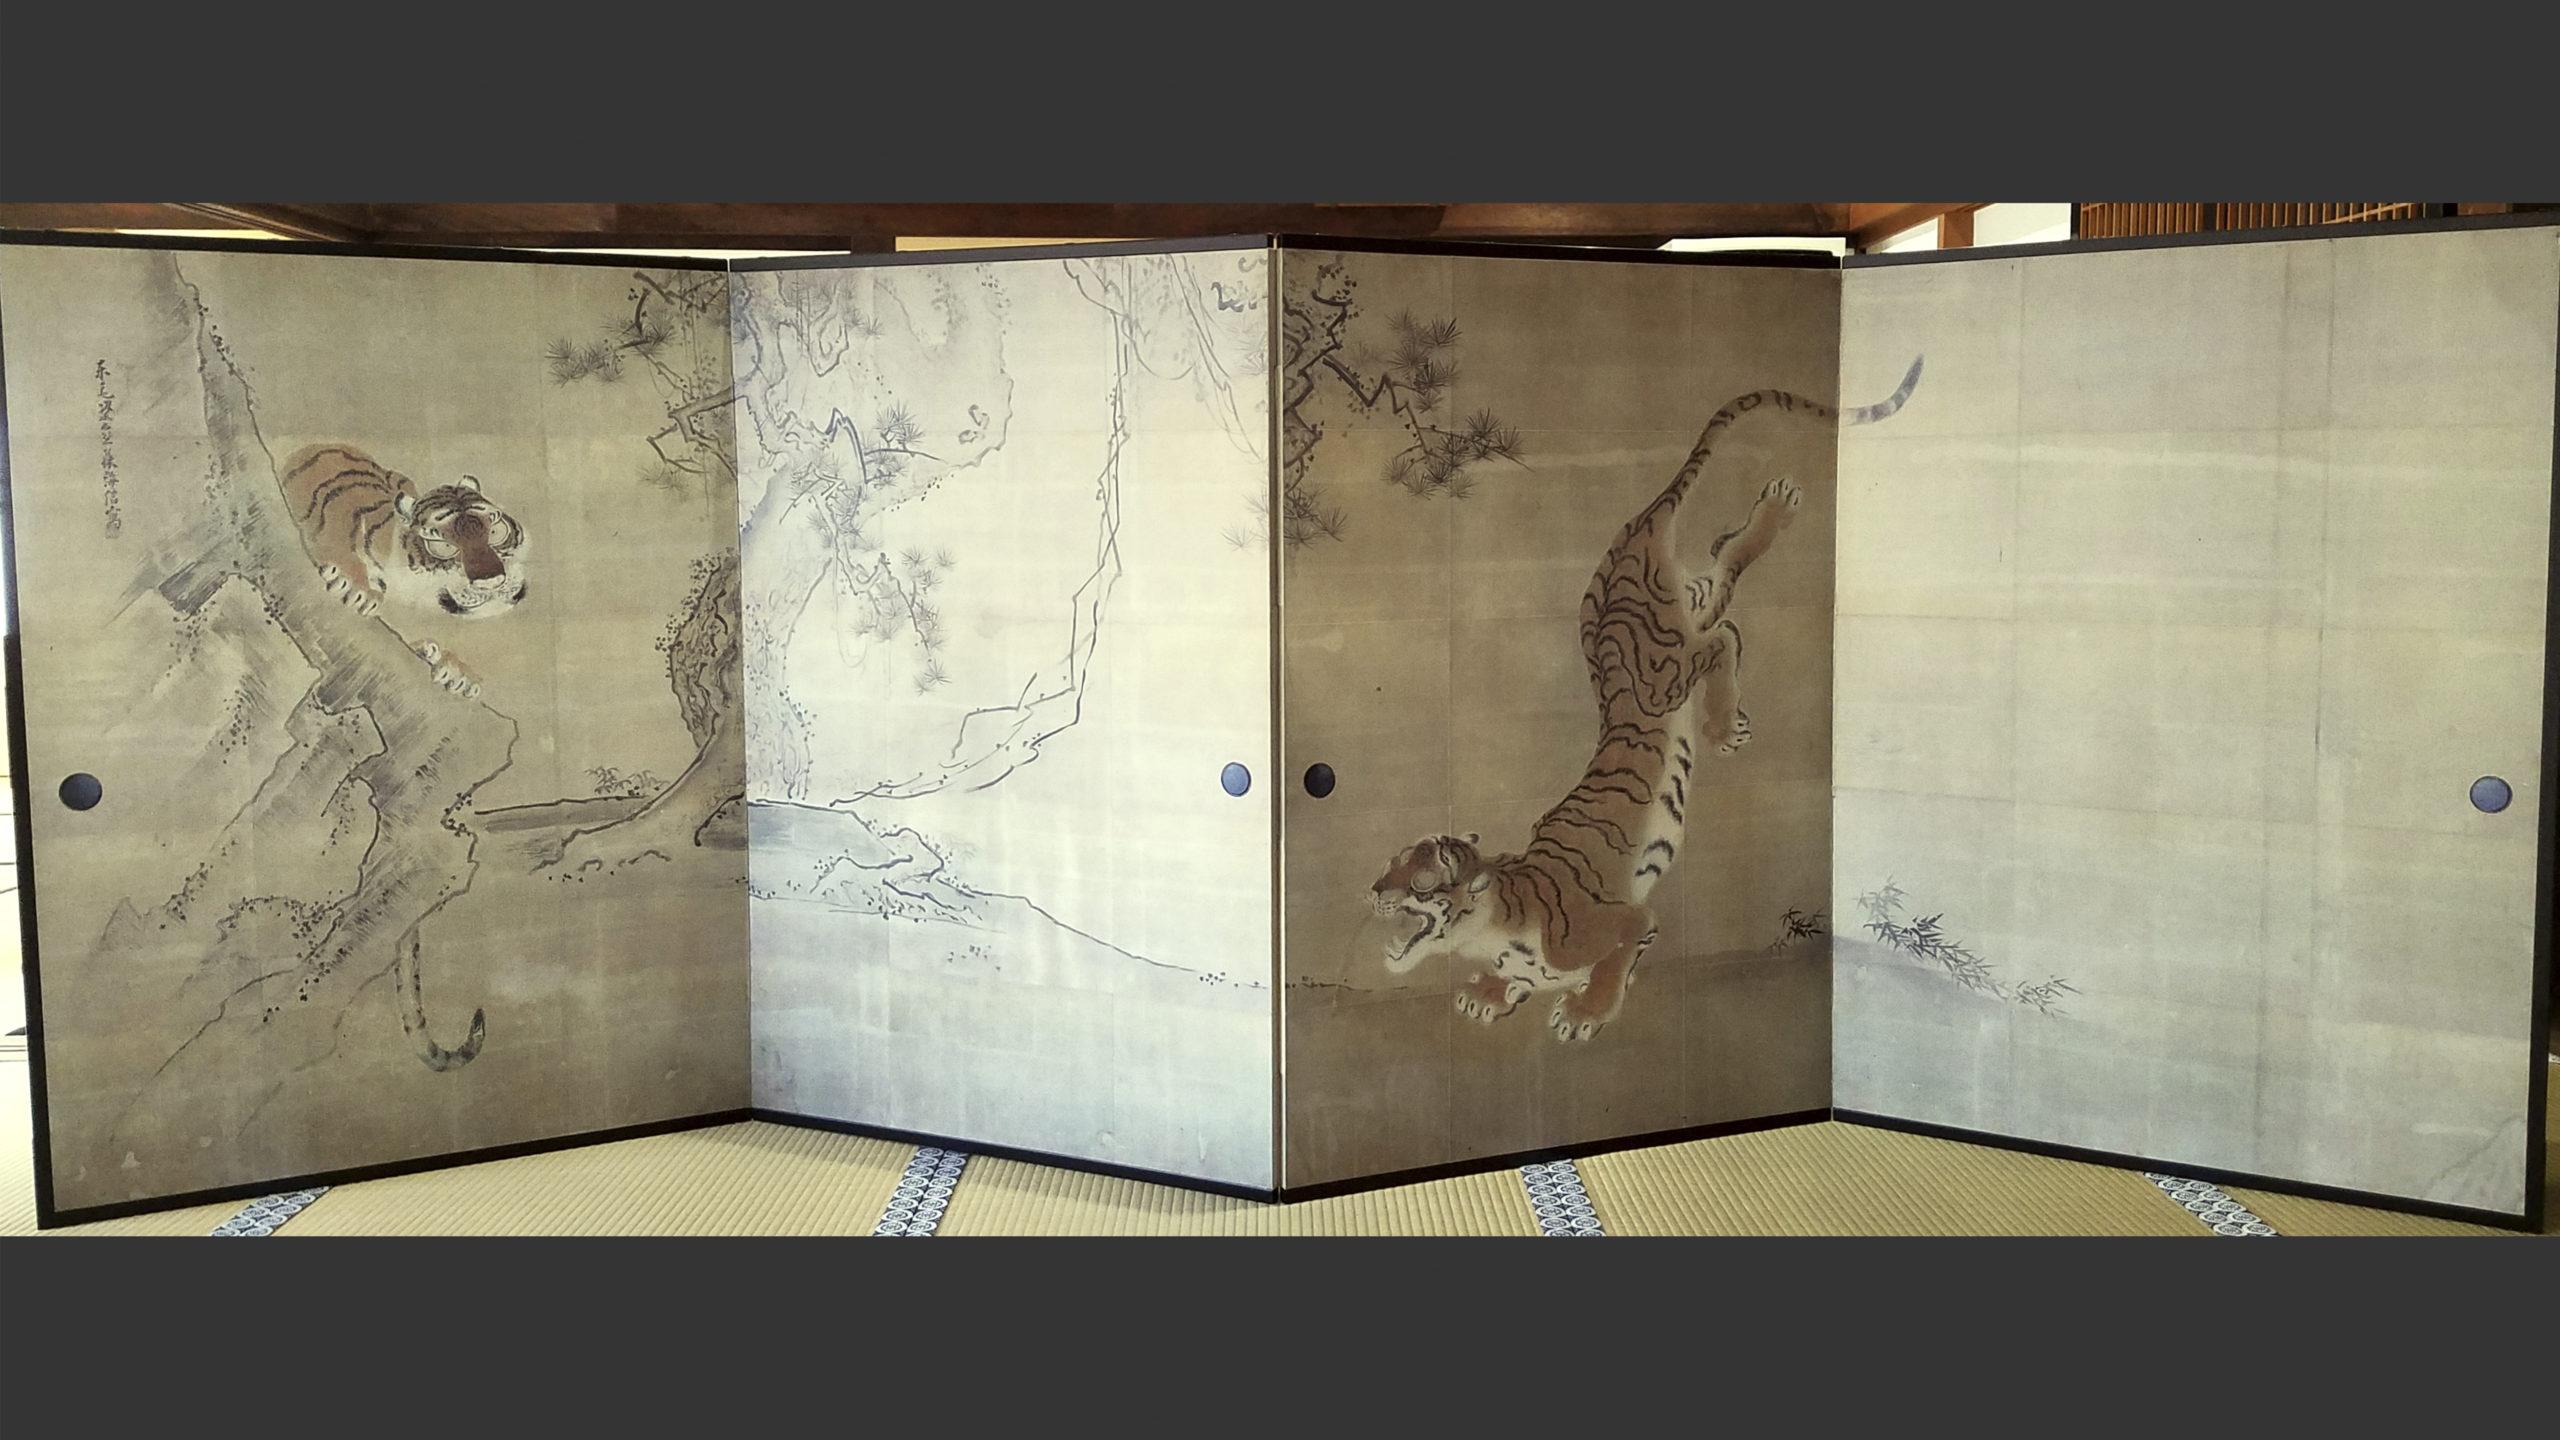 横須賀市 満昌寺 Laxerop(ラージェロップ )屏風 松虎図